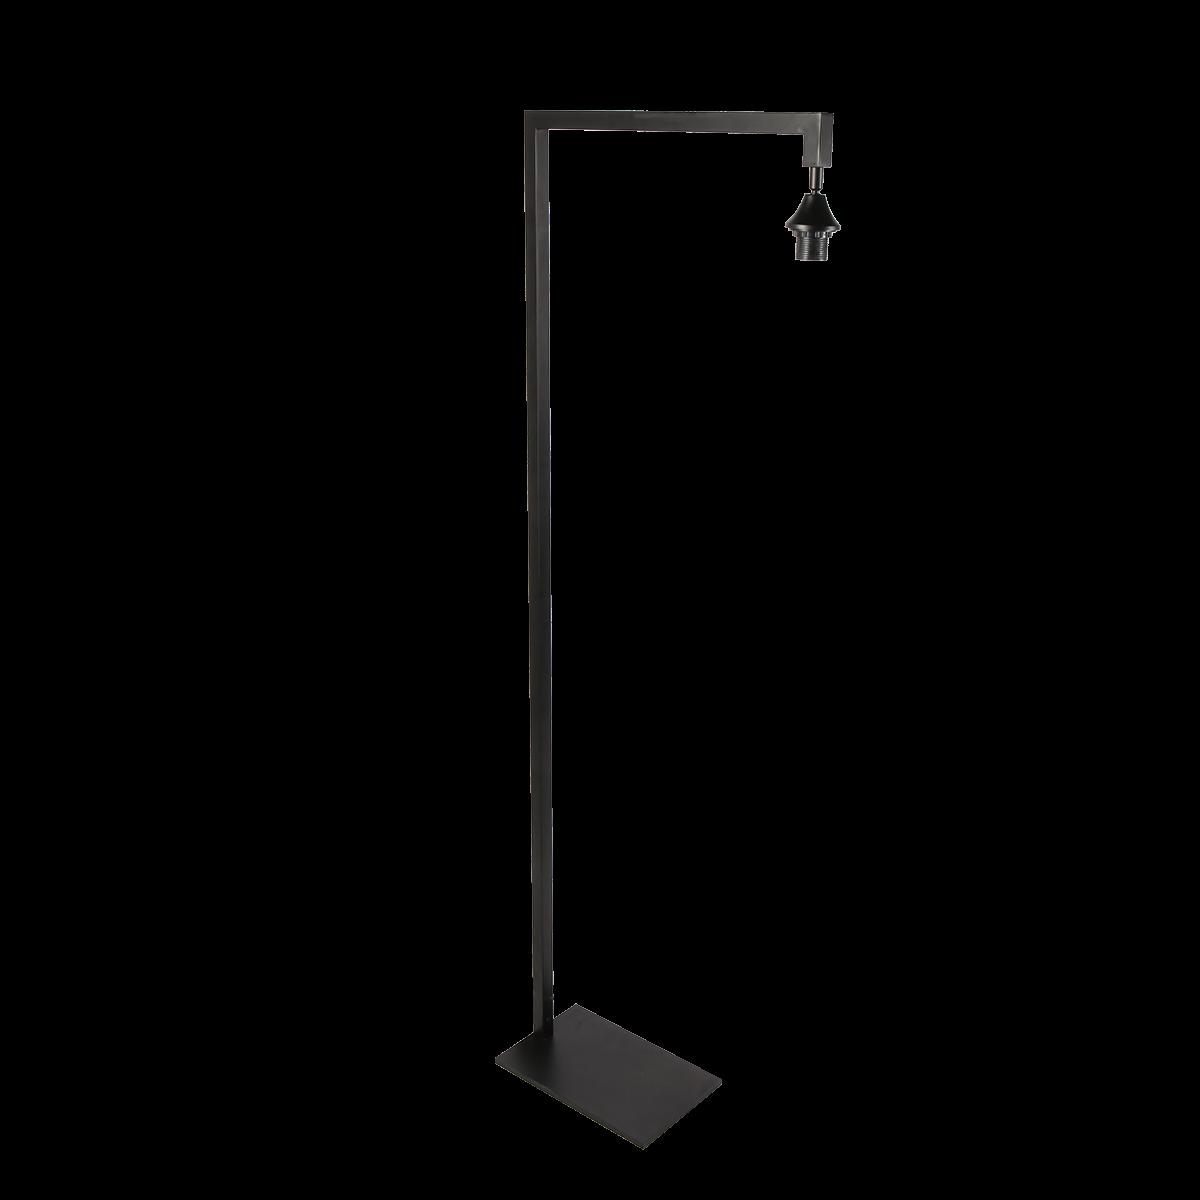 Vloerlamp Caro 1 lichts zwart